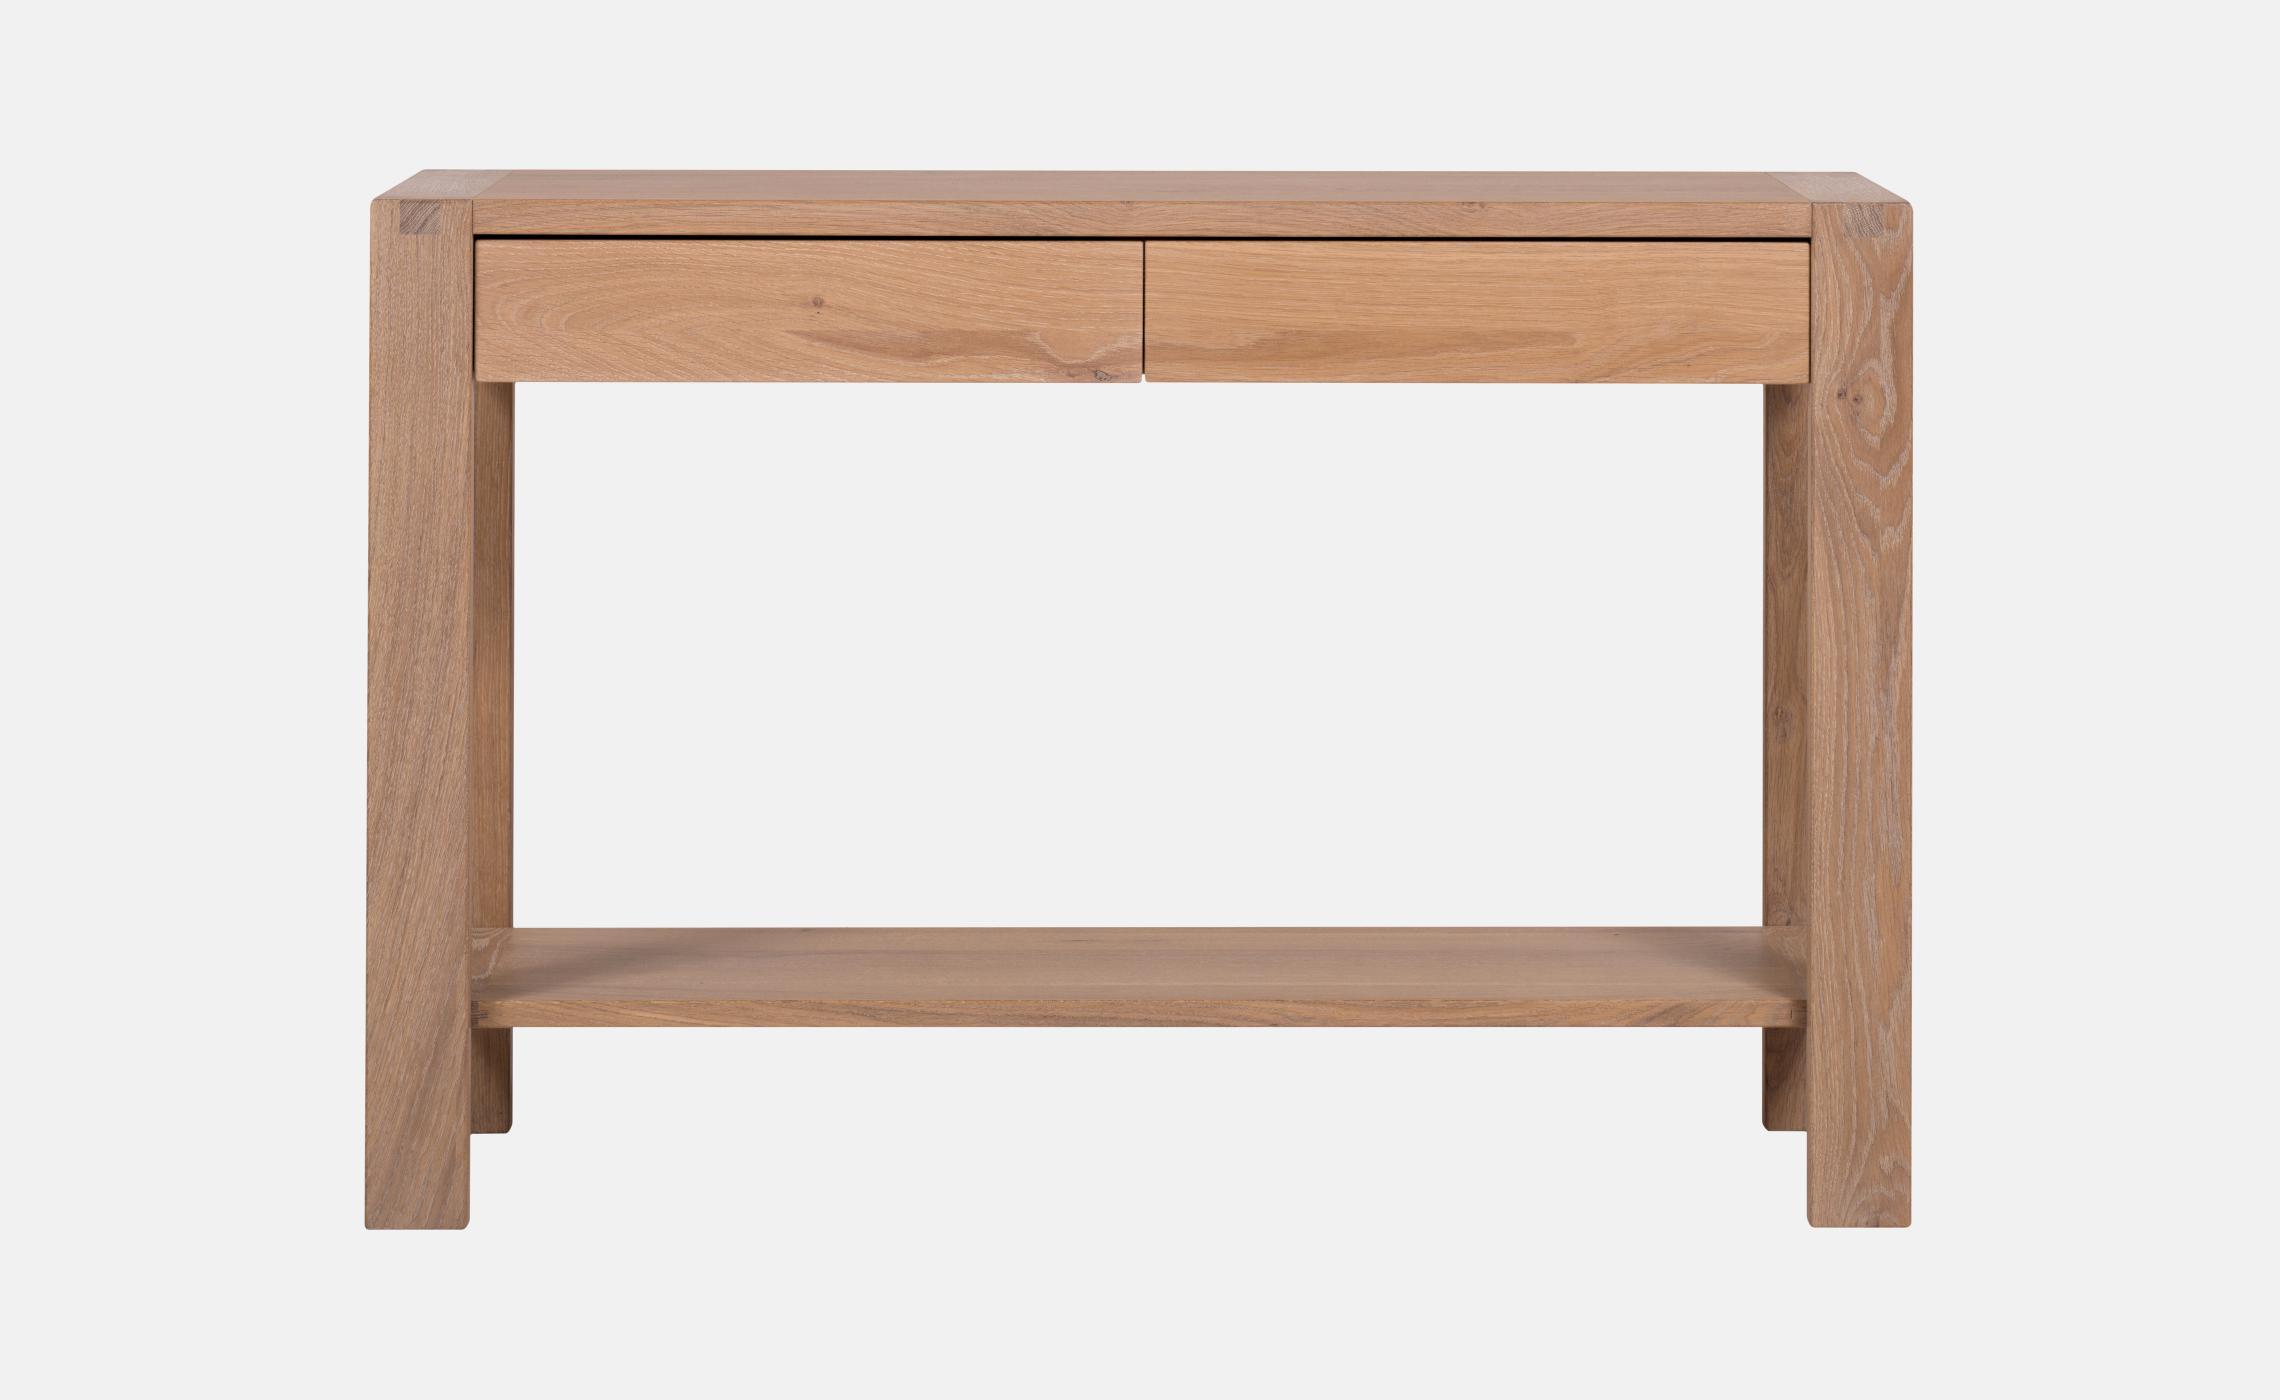 grande console en ch ne huil avec tiroirs sainbiose delorme meubles. Black Bedroom Furniture Sets. Home Design Ideas